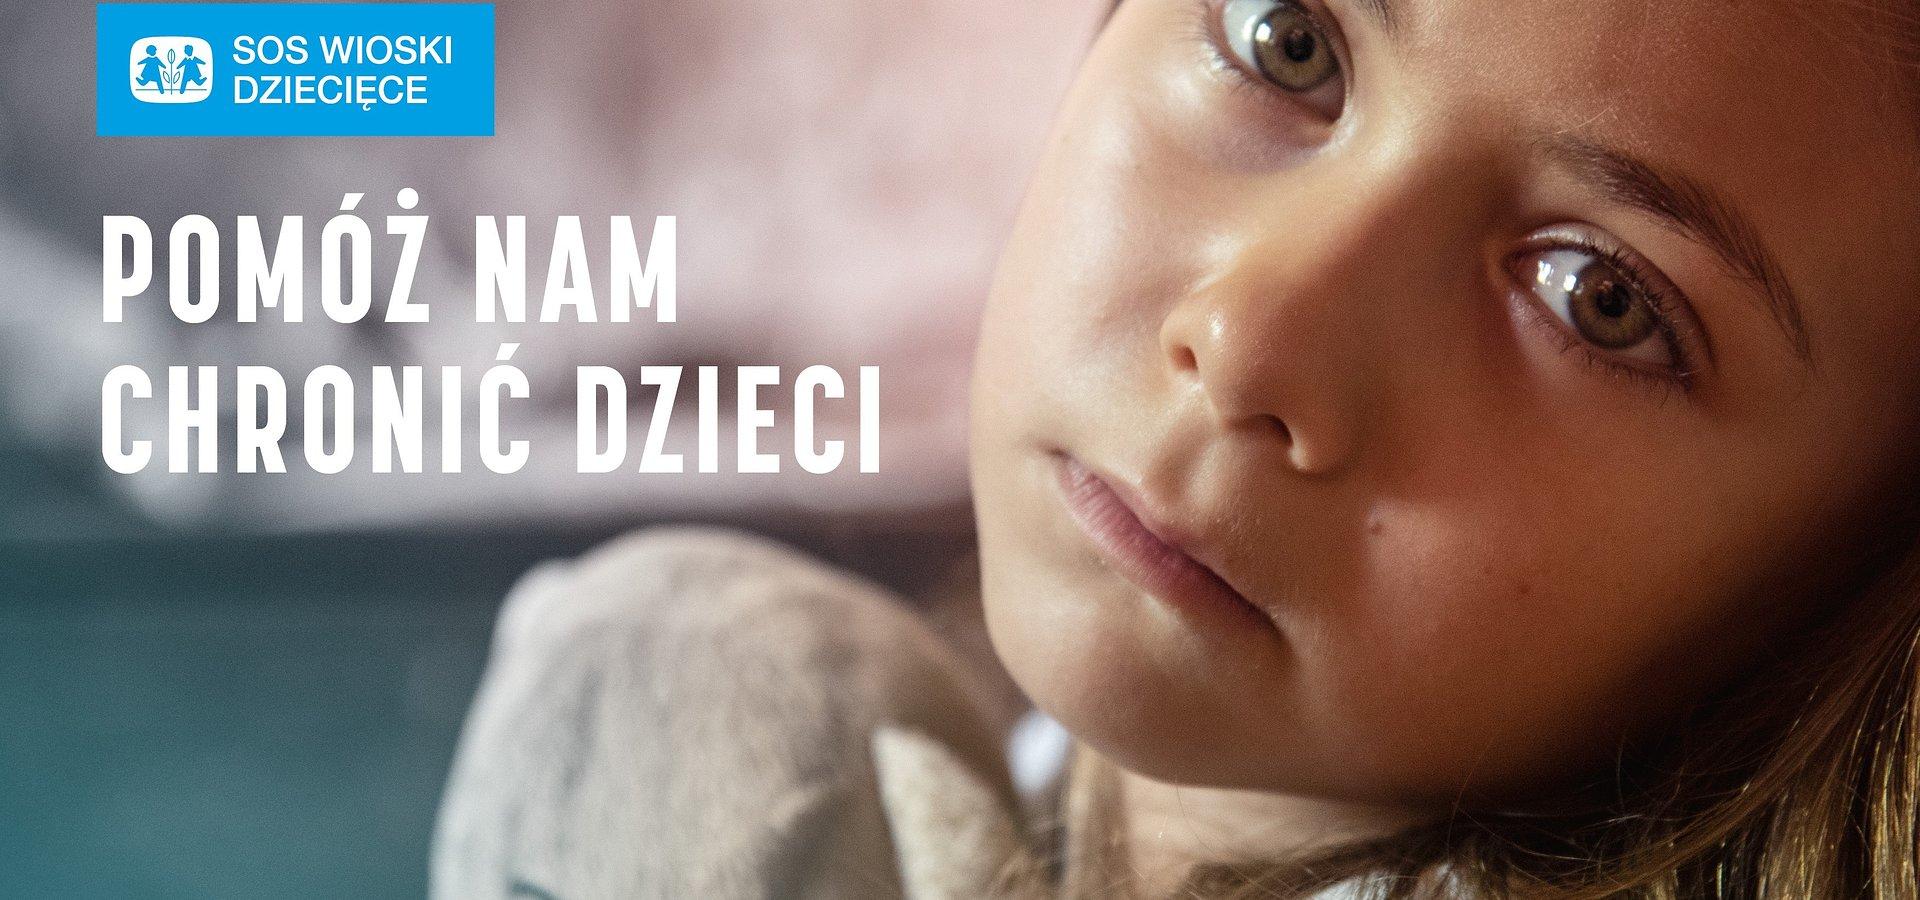 Każdego roku prawie 9 tys. dzieci w Polsce trafia do opieki zastępczej. Stowarzyszenie SOS Wioski Dziecięce apeluje o pomoc rodzinom w kryzysie